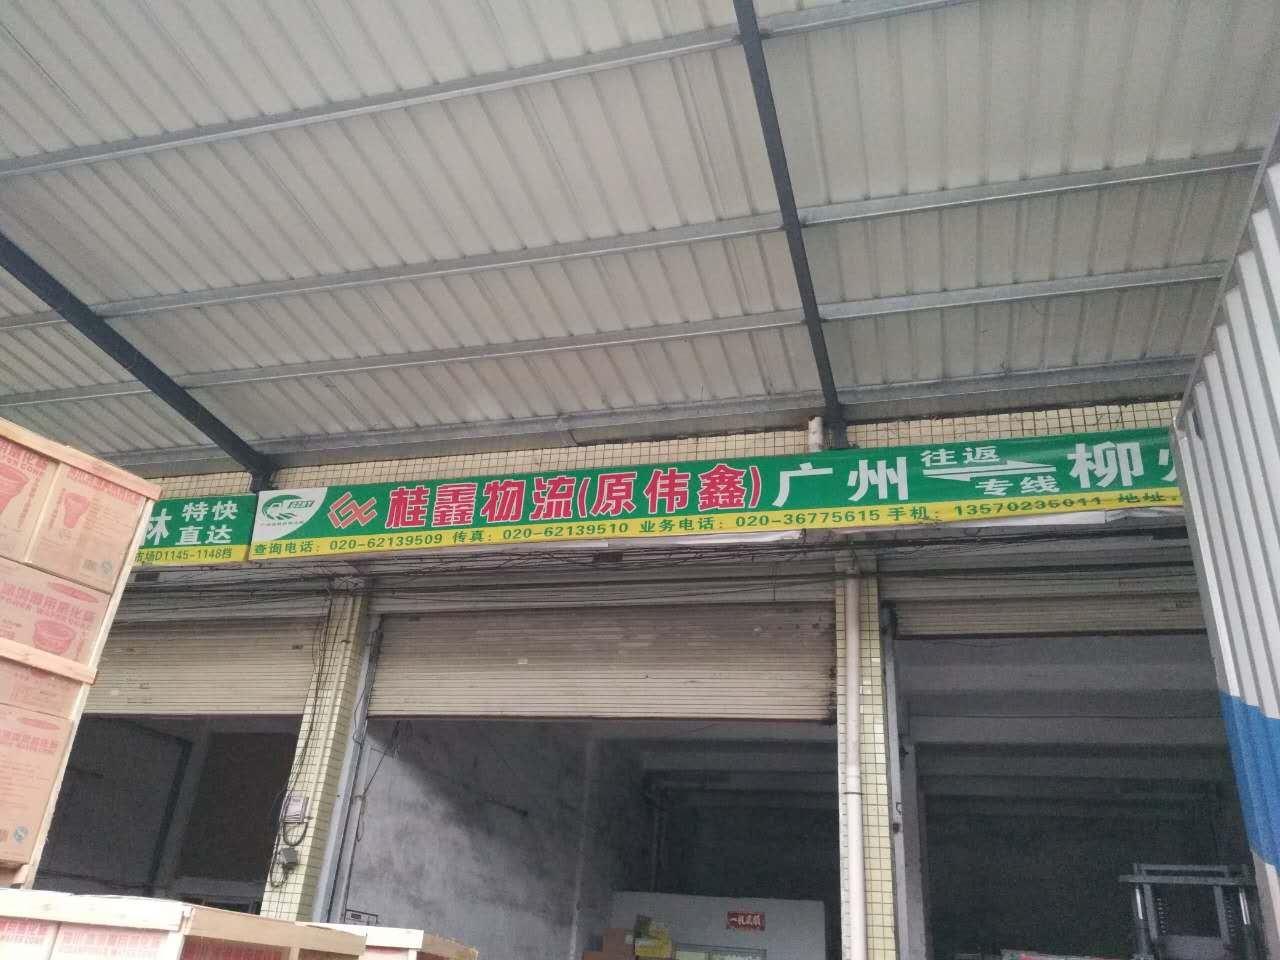 广州到毕节物流专线(广州桂鑫物流有限公司)